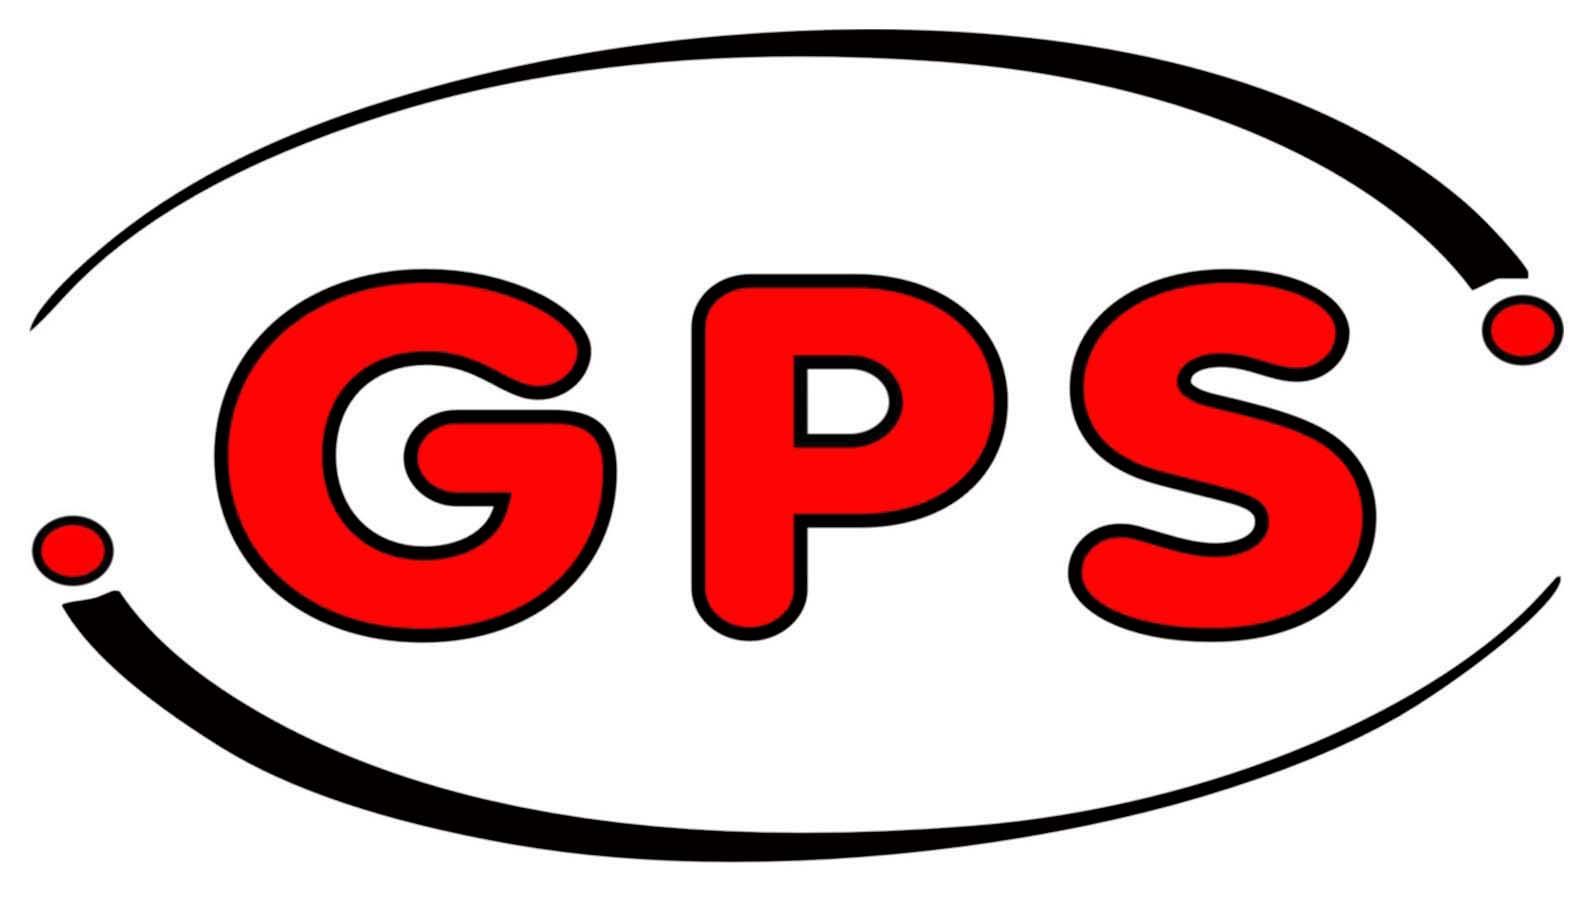 GPS S.R.L.